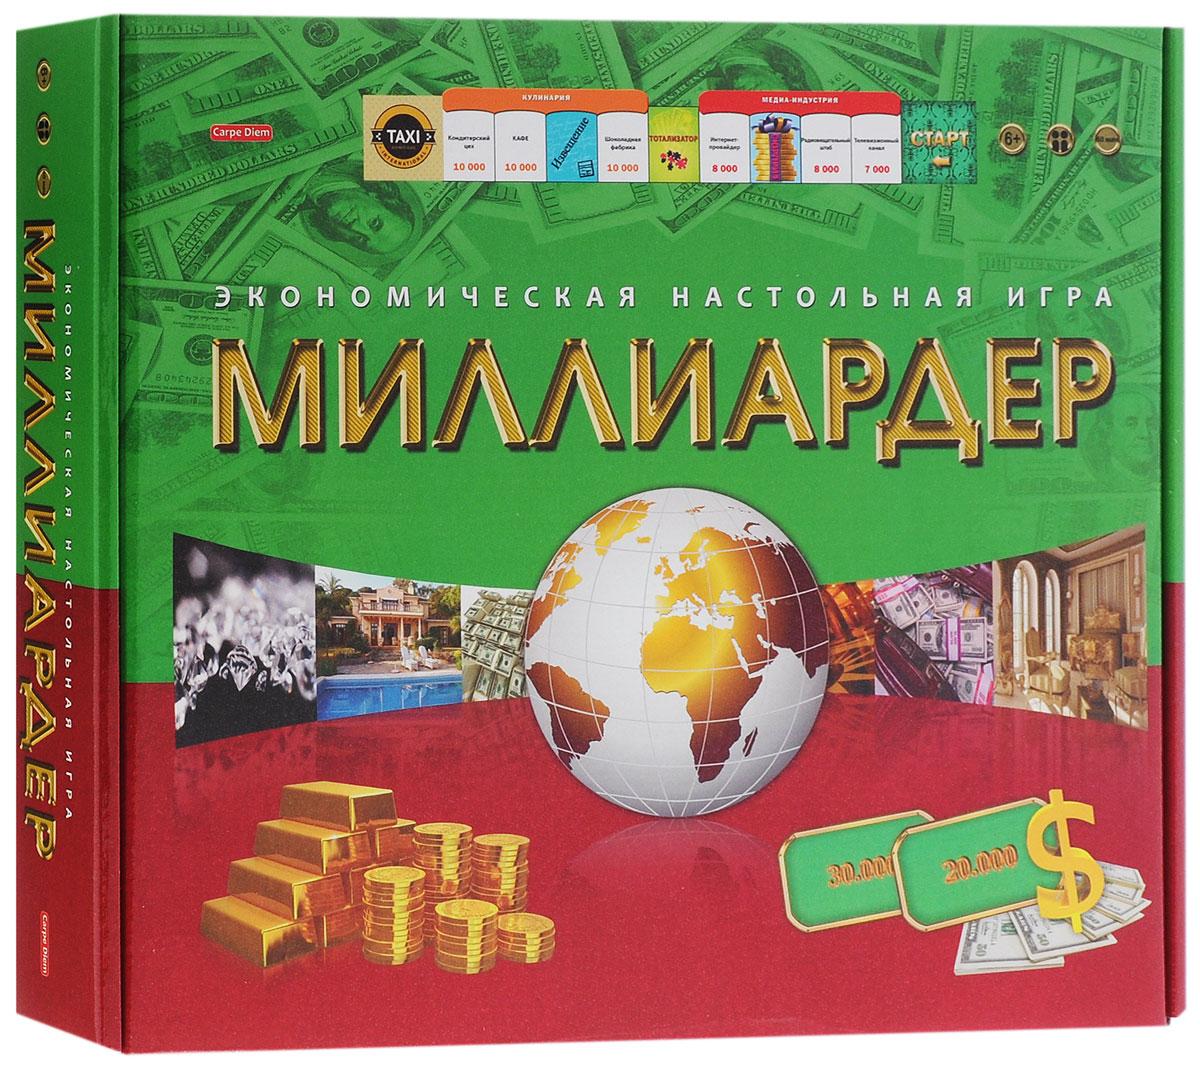 Carpe Diem Настольная игра МиллиардерИН-2227Настольная игра Carpe Diem Миллиардер - это настольная экономическая игра, обучающая торговле недвижимостью, ведению бизнеса и умению распоряжаться собственным капиталом. Юные предприниматели передвигаются по игровым клеткам поля и приобретают недвижимость, выплачивают арендную плату, расширяют собственный бизнес. Успех в игре во многом определяется выбранной стратегией предпринимателя. Приобрести ли пустой участок сейчас или чуть позже? Дать согласие на свершение сделки или отказаться? Решение этих вопросов позволит каждому заработать свои первые деньги! Примерное время игры: 60 мин. В комплект входит игровое поле, 8 фишек, 2 кубика, денежные купюры, карточки, жетоны, инструкция на русском языке.